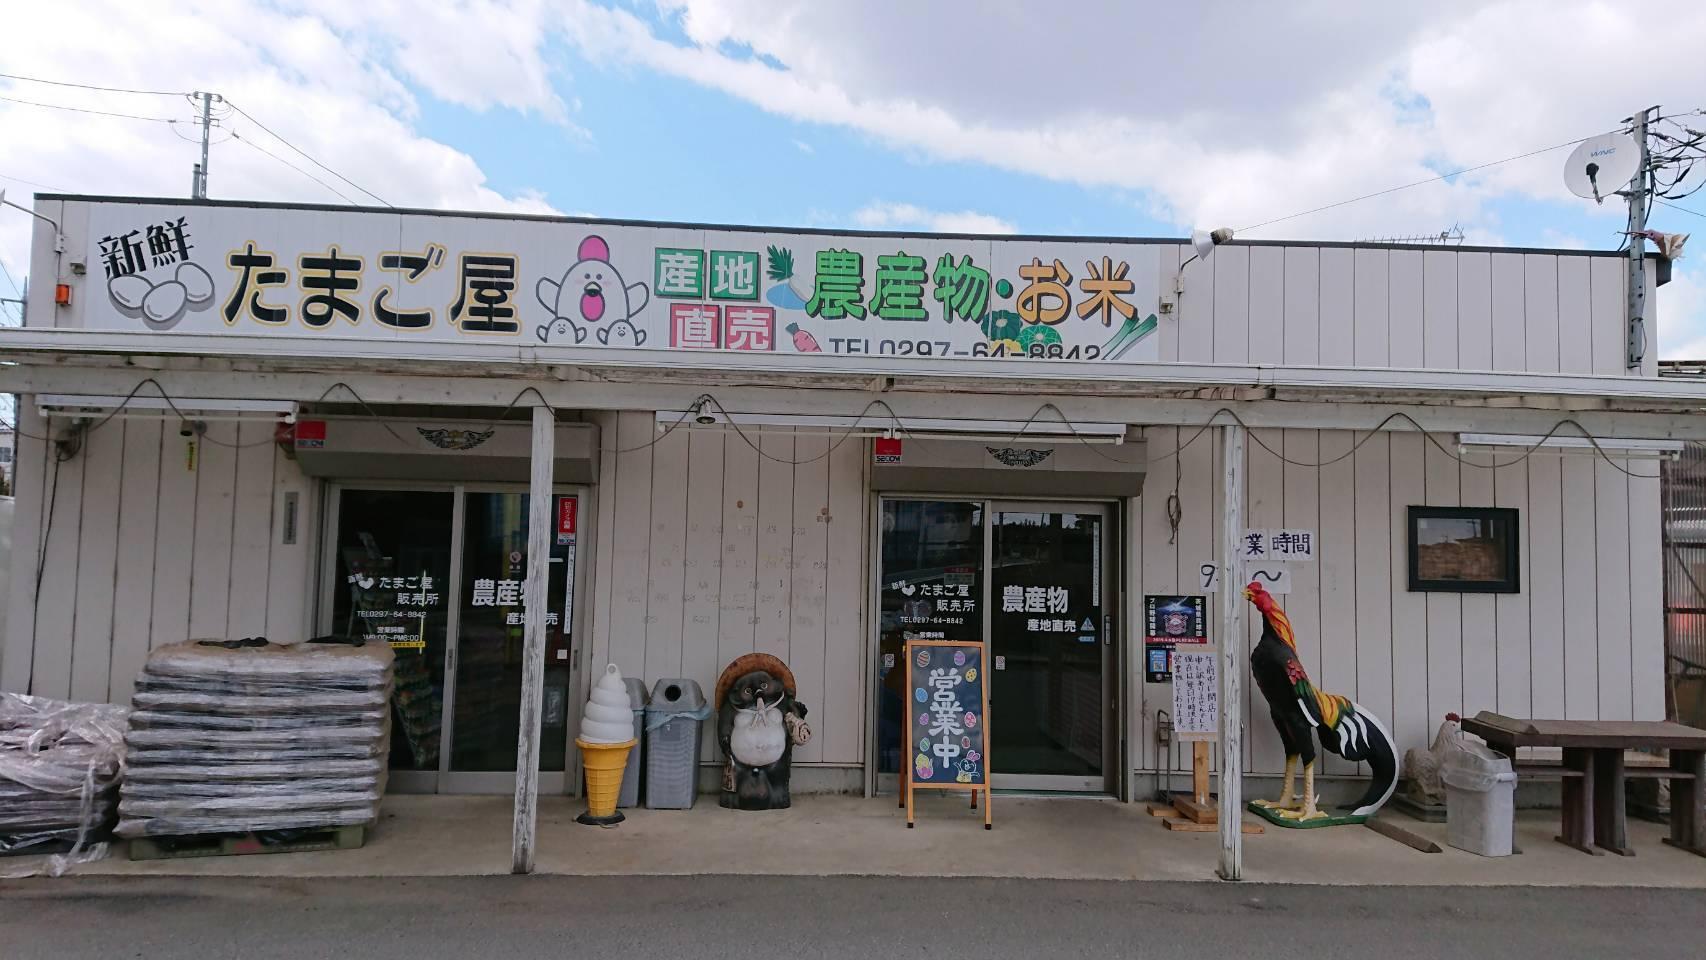 有限会社押木養鶏場 たまご屋龍ケ崎店